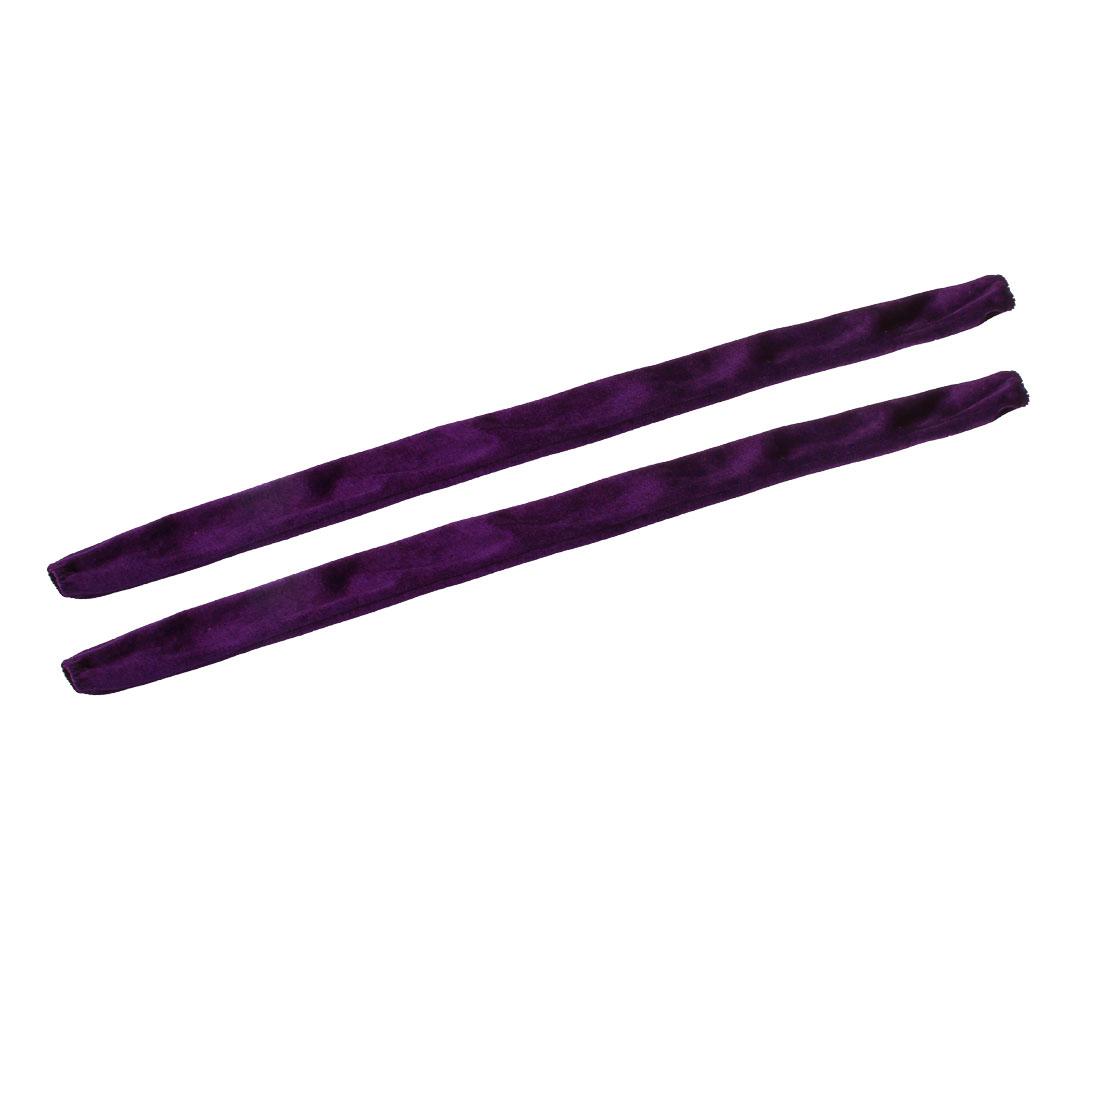 2pcs 60cm Length Chandelier Chain Cover Cotton Flannel for Ceiling Light Purple